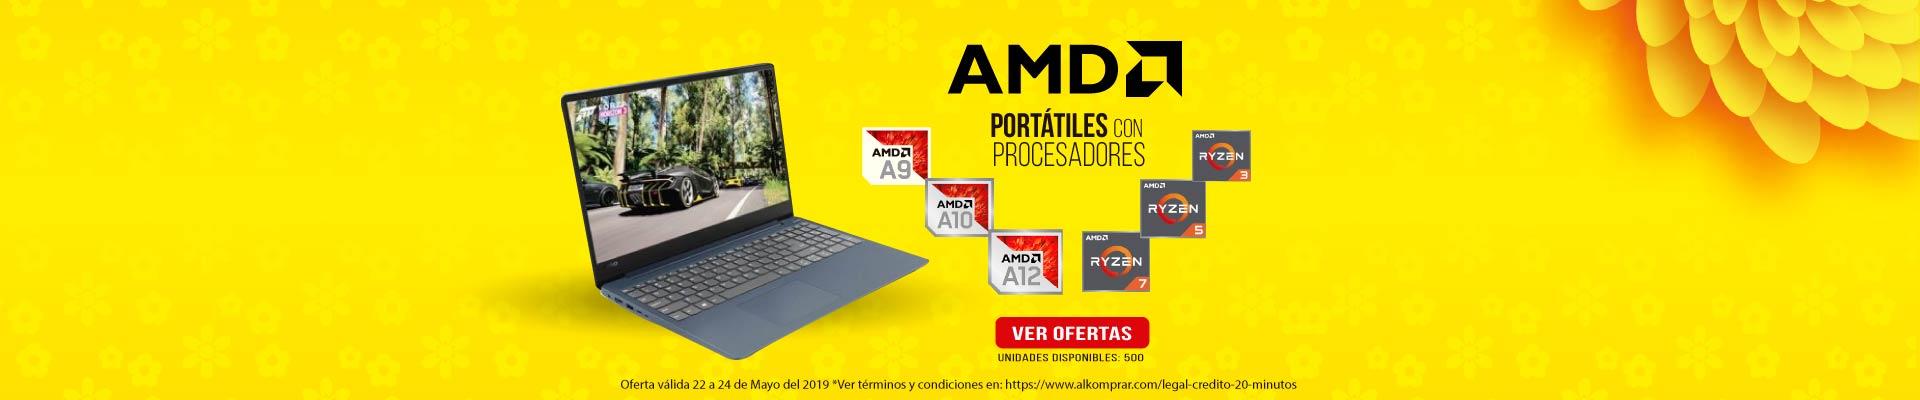 BP ALKP AMD GENERAL